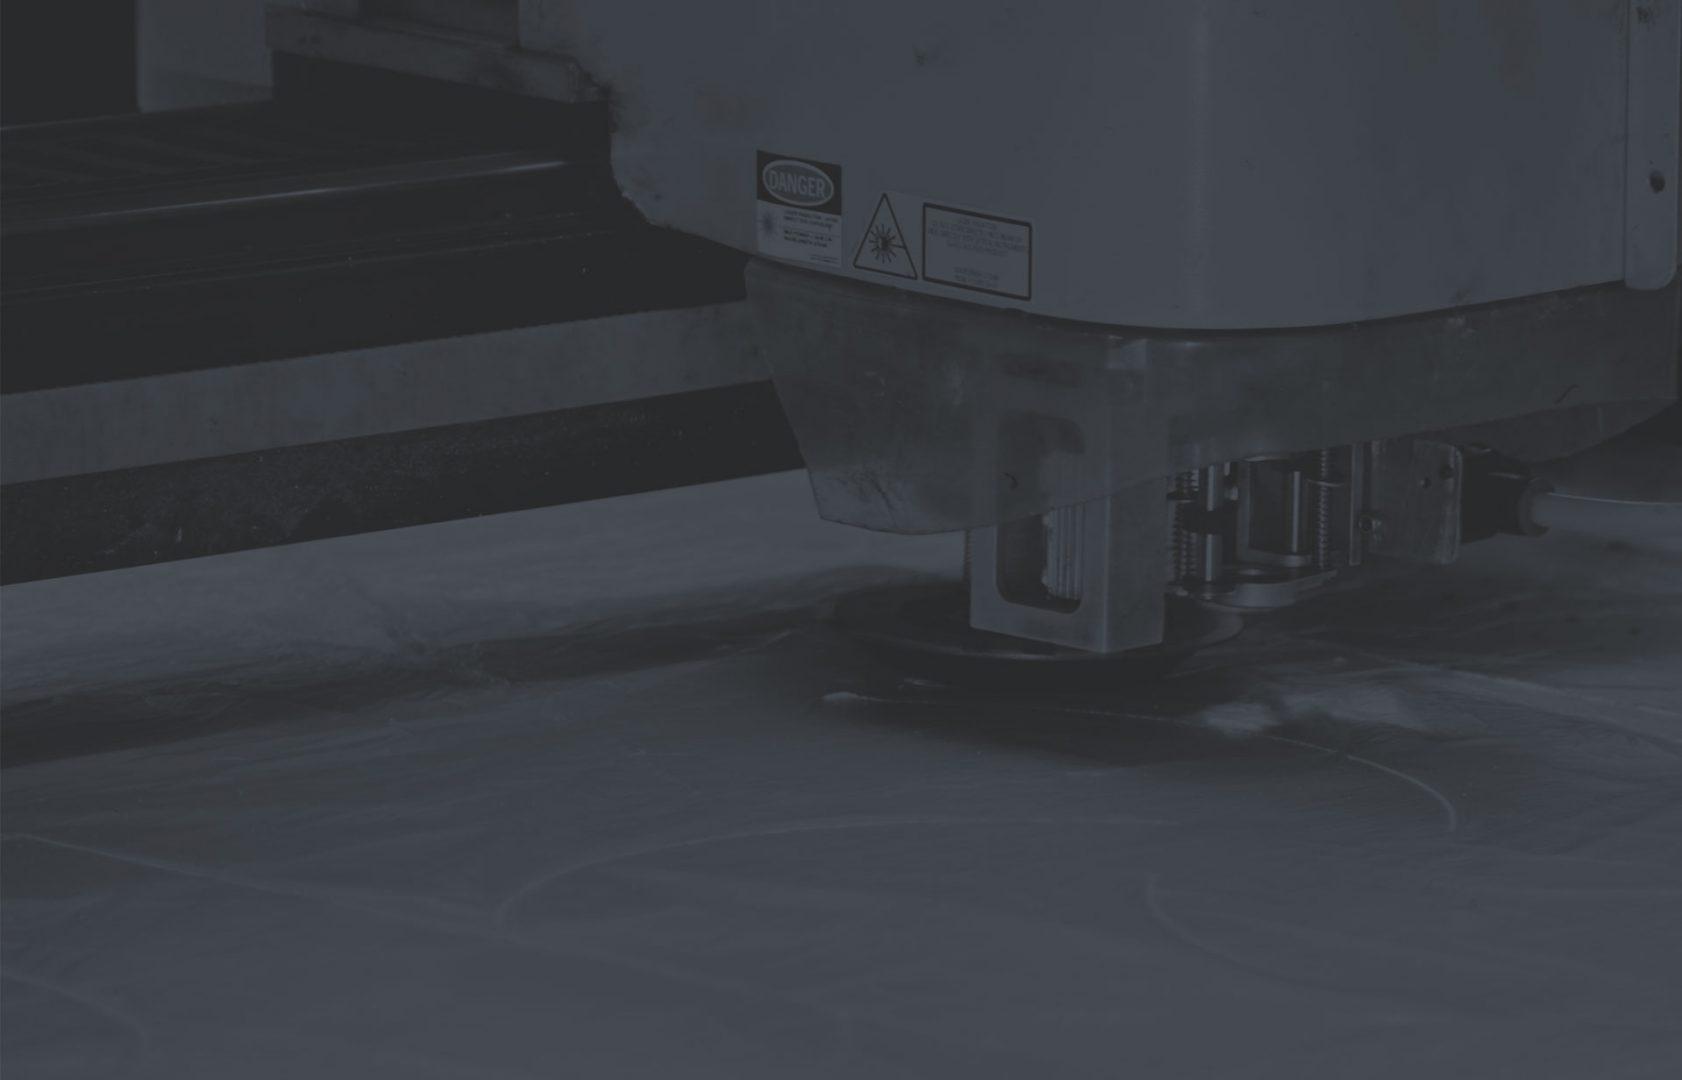 Cutting and Kitting Dark Duotone